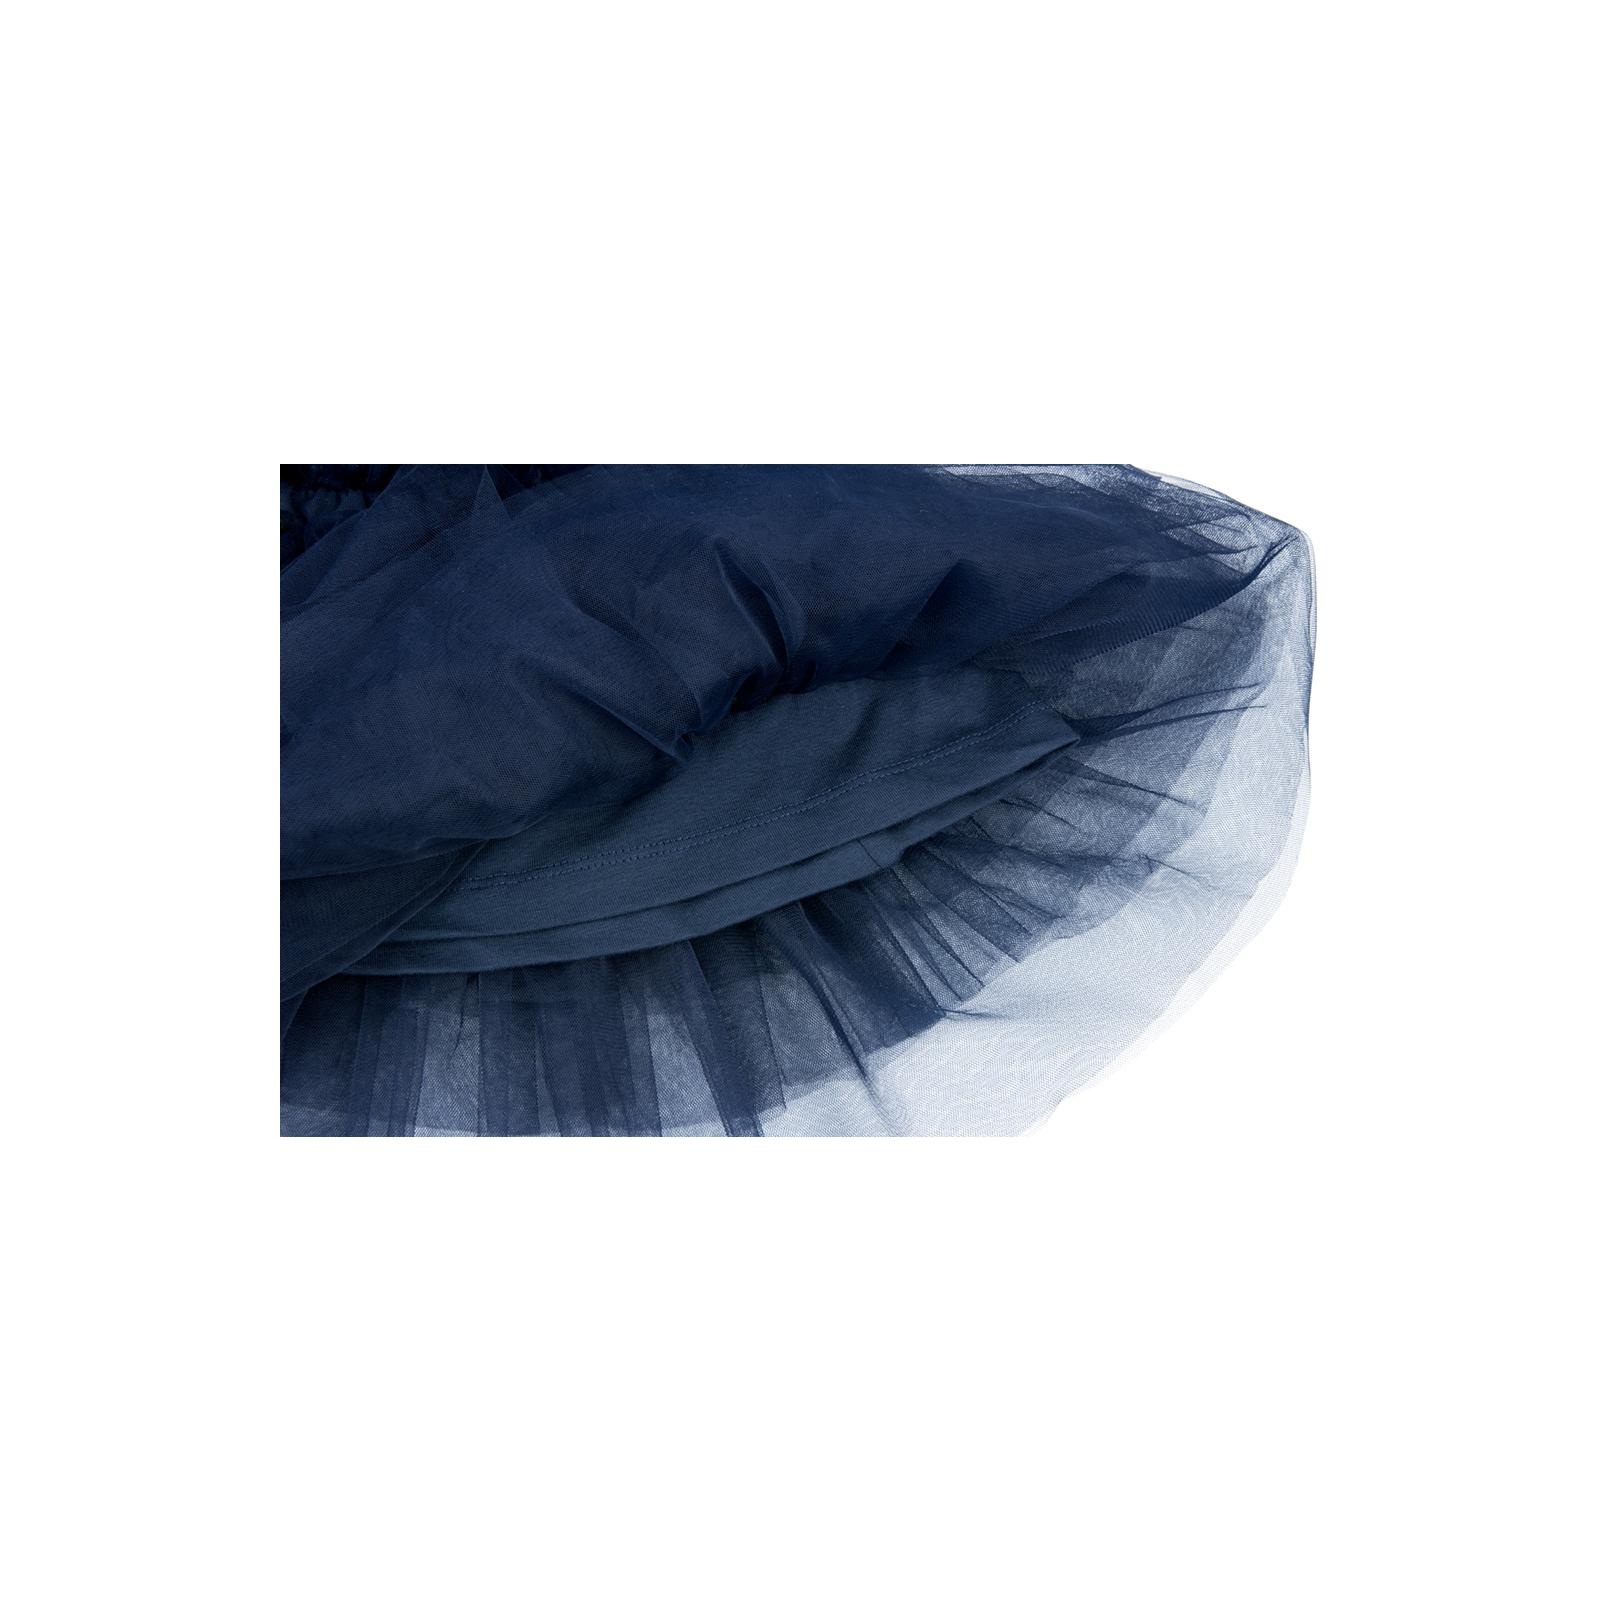 Юбка Breeze фатиновая многослойная (9938-128G-blue) изображение 3